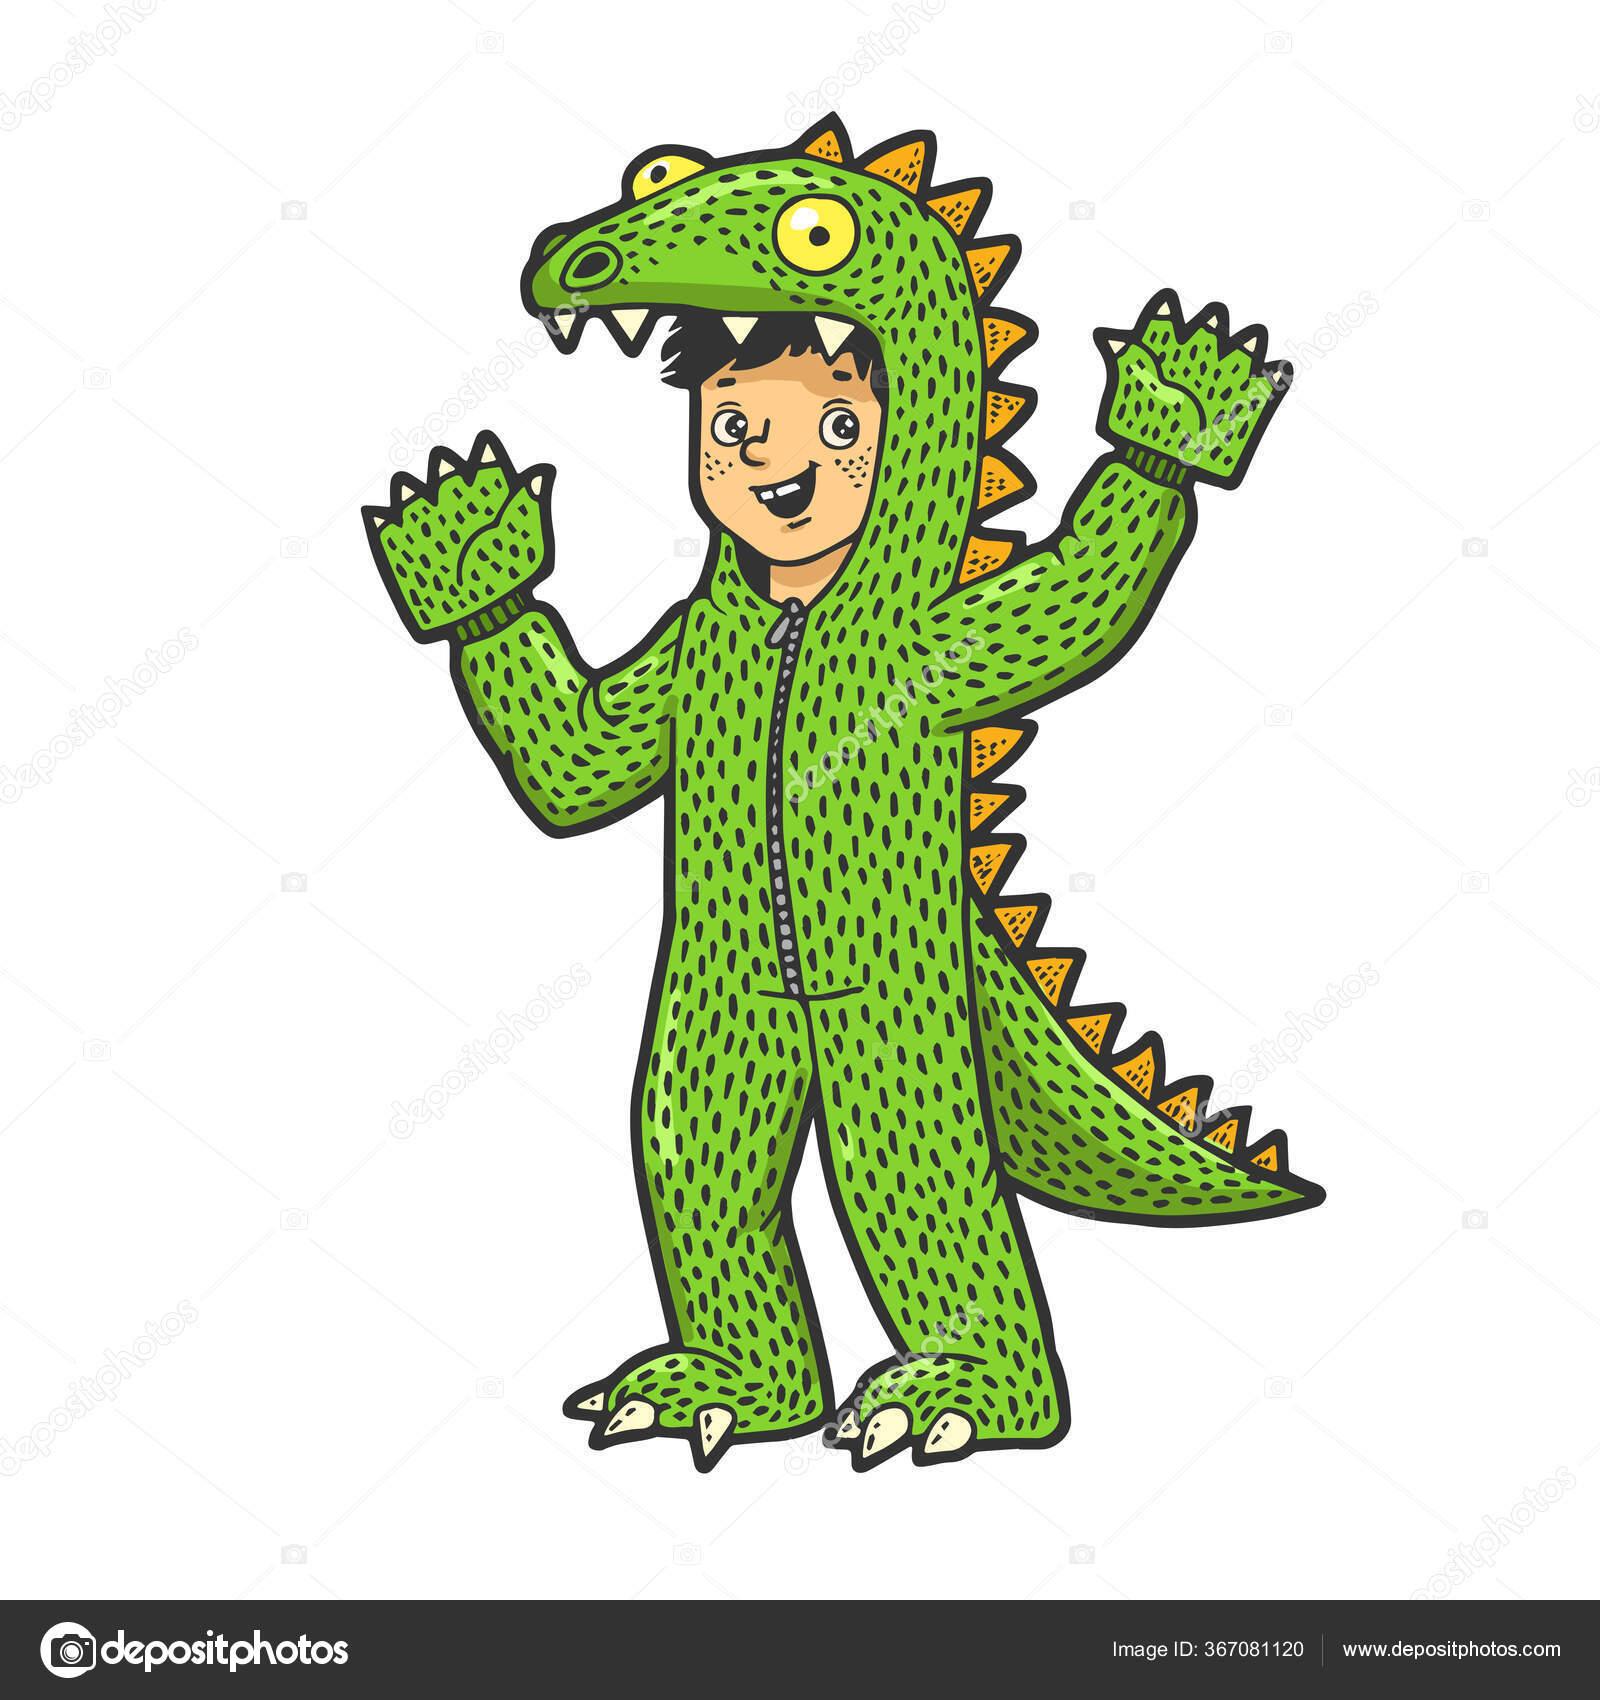 Anak Laki Laki Berpakaian Seperti Dinosaurus Warna Sketsa Gambar Gambar Vektor Ilustrasi Desain Pakaian Bergambar Kaos Imitasi Papan Gores Citra Gambar Tangan Hitam Dan Putih Stok Vektor C Alexanderpokusay 367081120